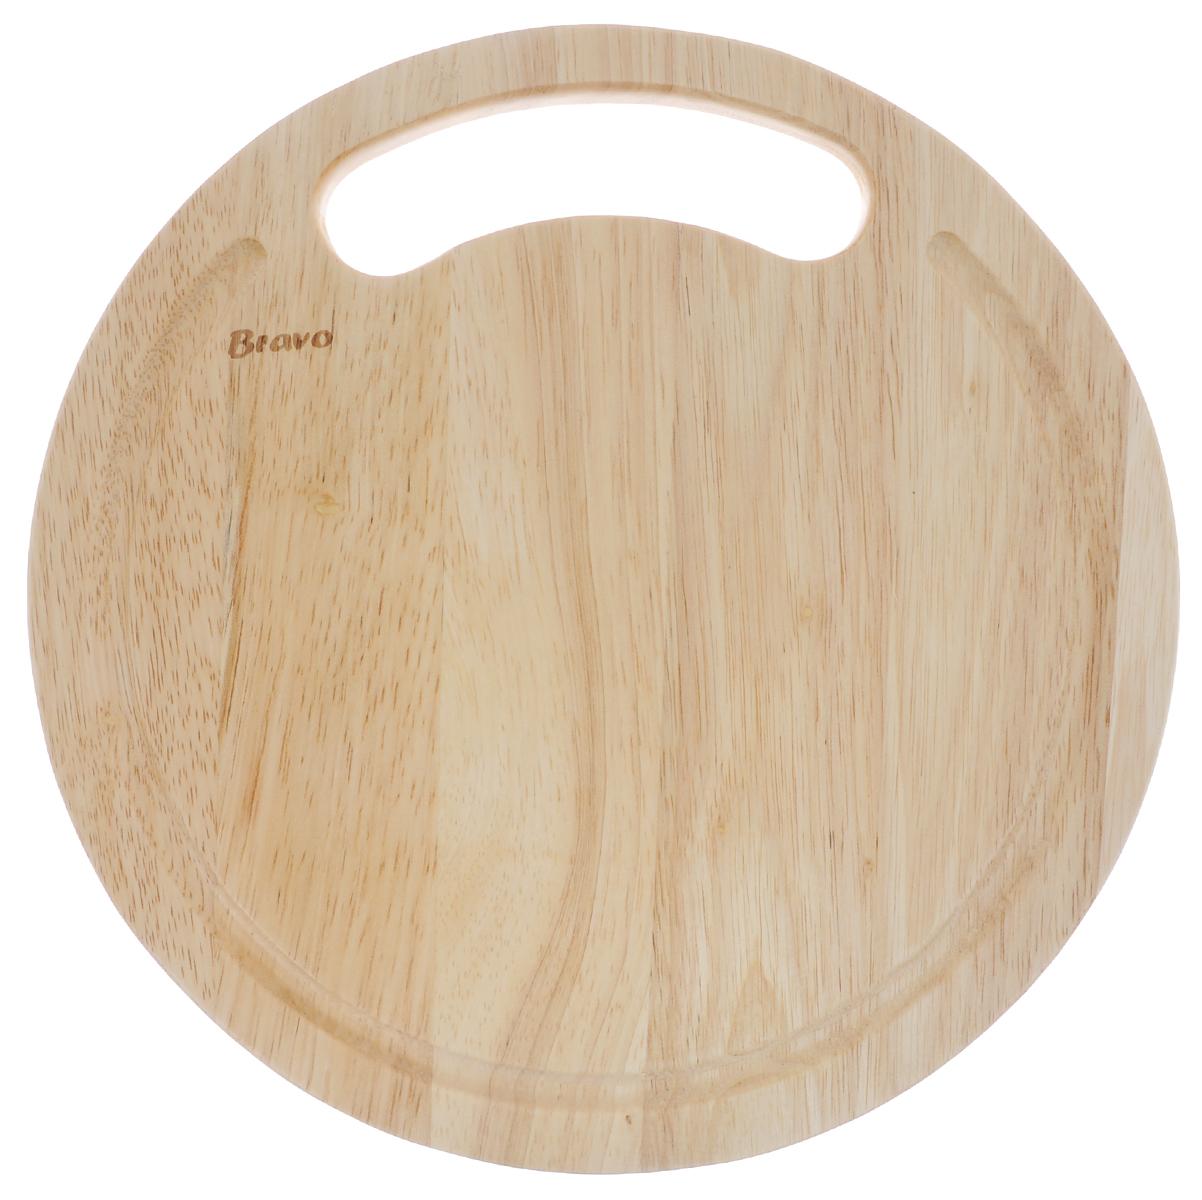 Доска разделочная Bravo, диаметр 25 см. 410410Доска разделочная Bravo изготовлена из гевеи. Гевея входит в семейство элитного красного дерева. Изделия из этого дерева отличаются твердостью, долговечностью и стойкостью к гниению. Доска оснащена удобной ручкой. Функциональная и простая в использовании, разделочная доска Bravo прекрасно впишется в интерьер любой кухни и прослужит вам долгие годы. Не рекомендуется мыть в посудомоечной машине. Диаметр доски: 25 см. Толщина доски: 1,4 см.